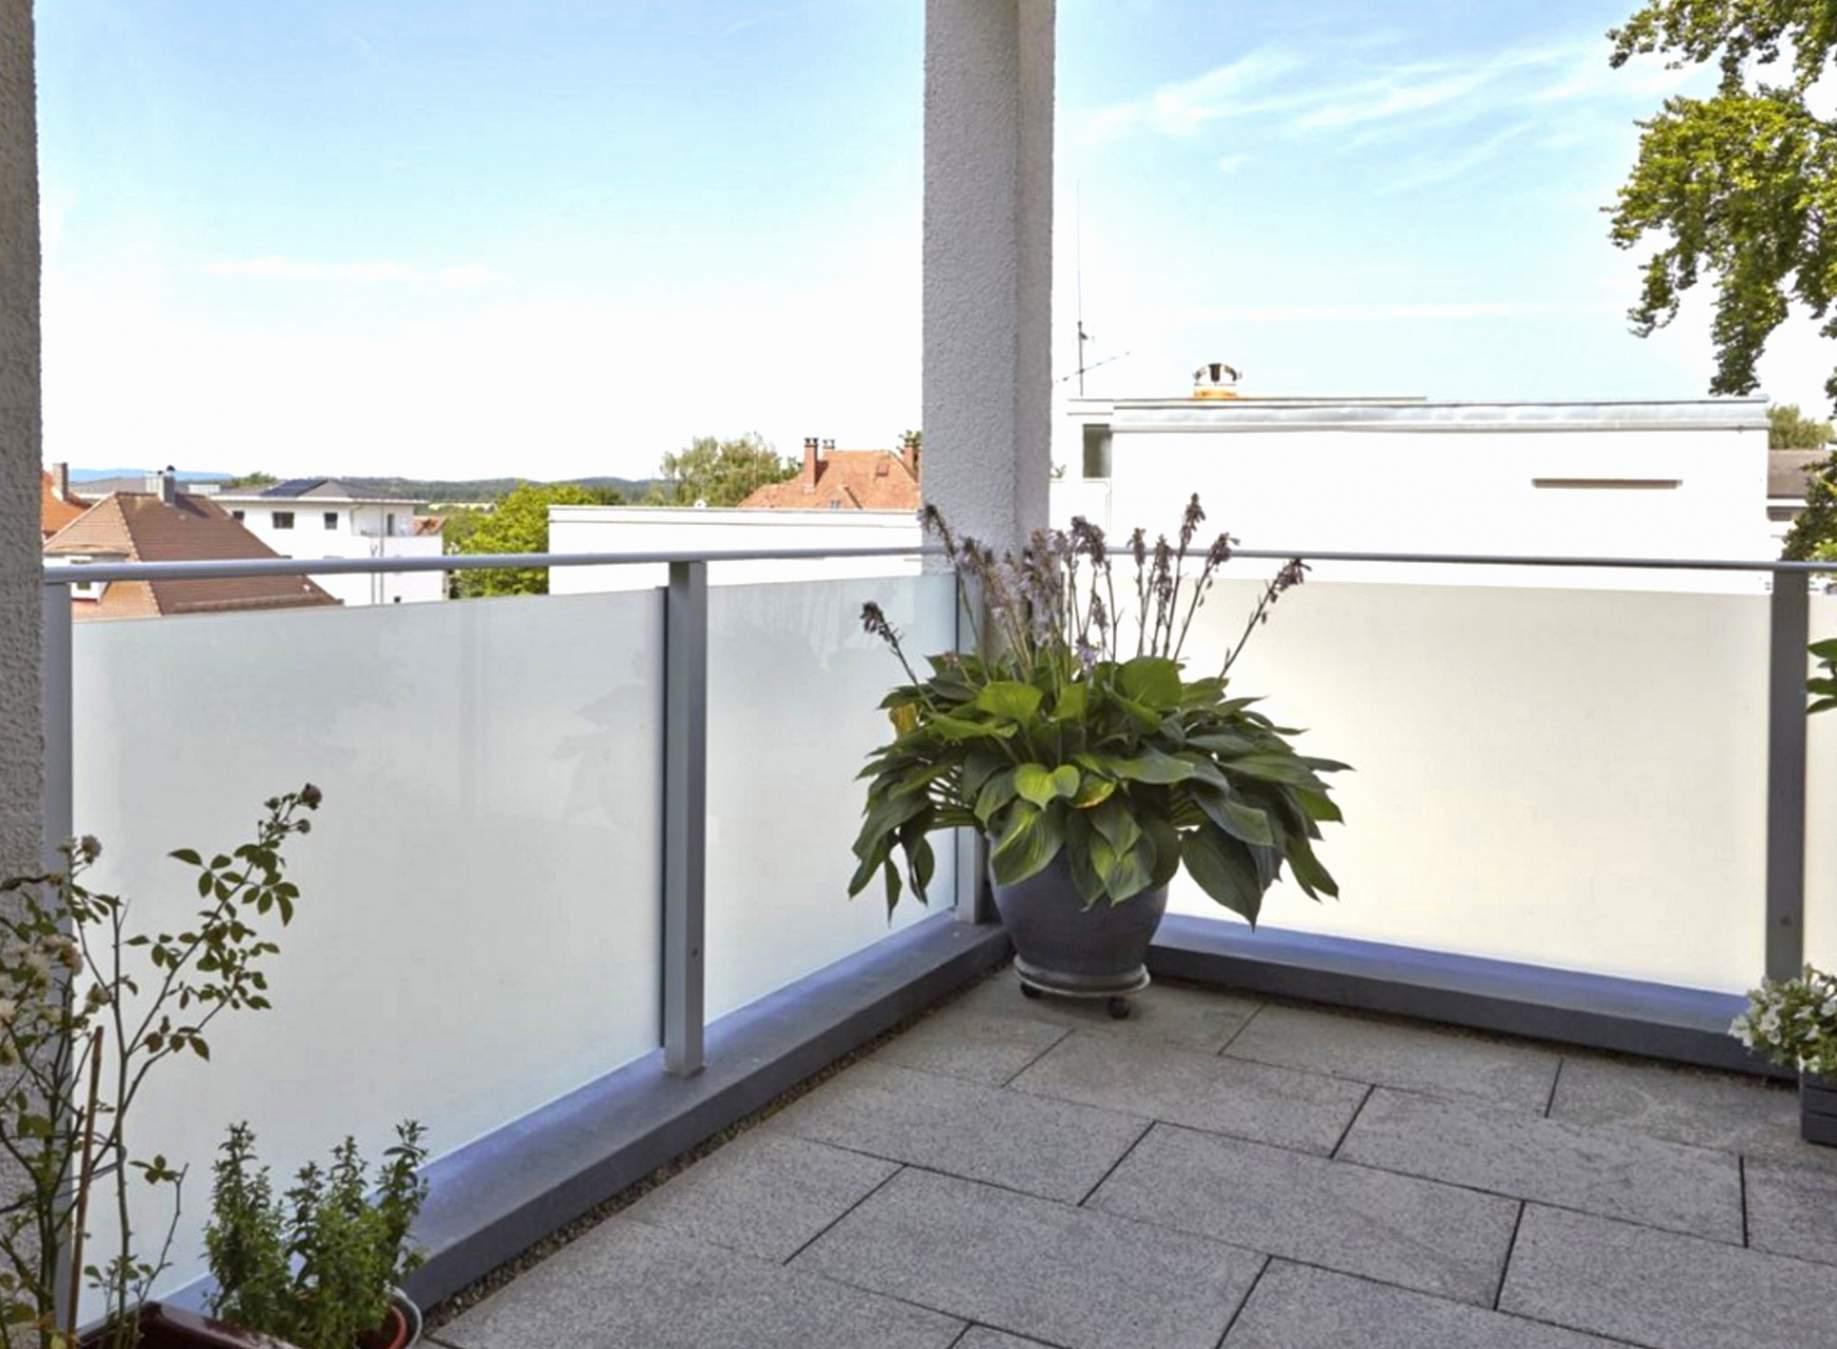 balkon ideen selber machen neu garten deko ideen zum selber machen deko ideen selber machen garten deko ideen selber machen garten